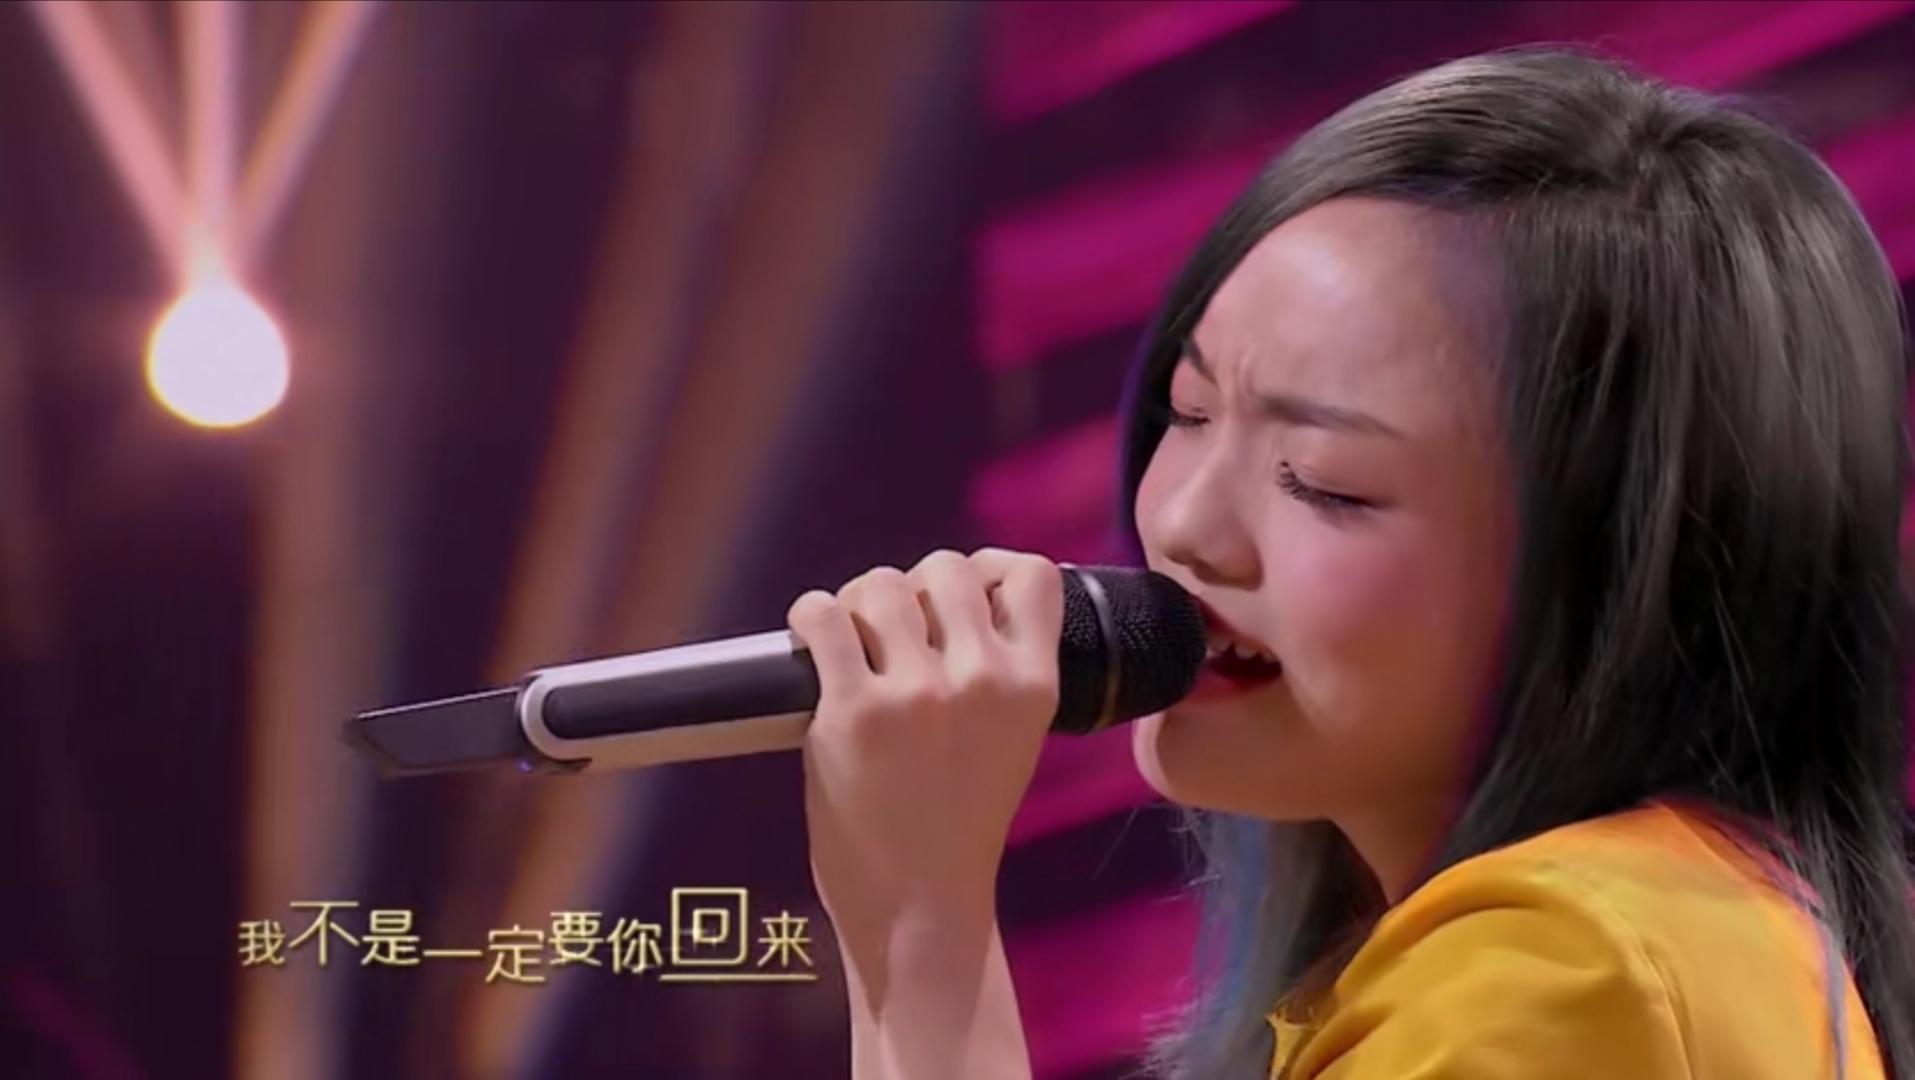 徐佳莹唱歌时太有魅力,一首《失落沙洲》让薛之谦瞬间化身小迷弟